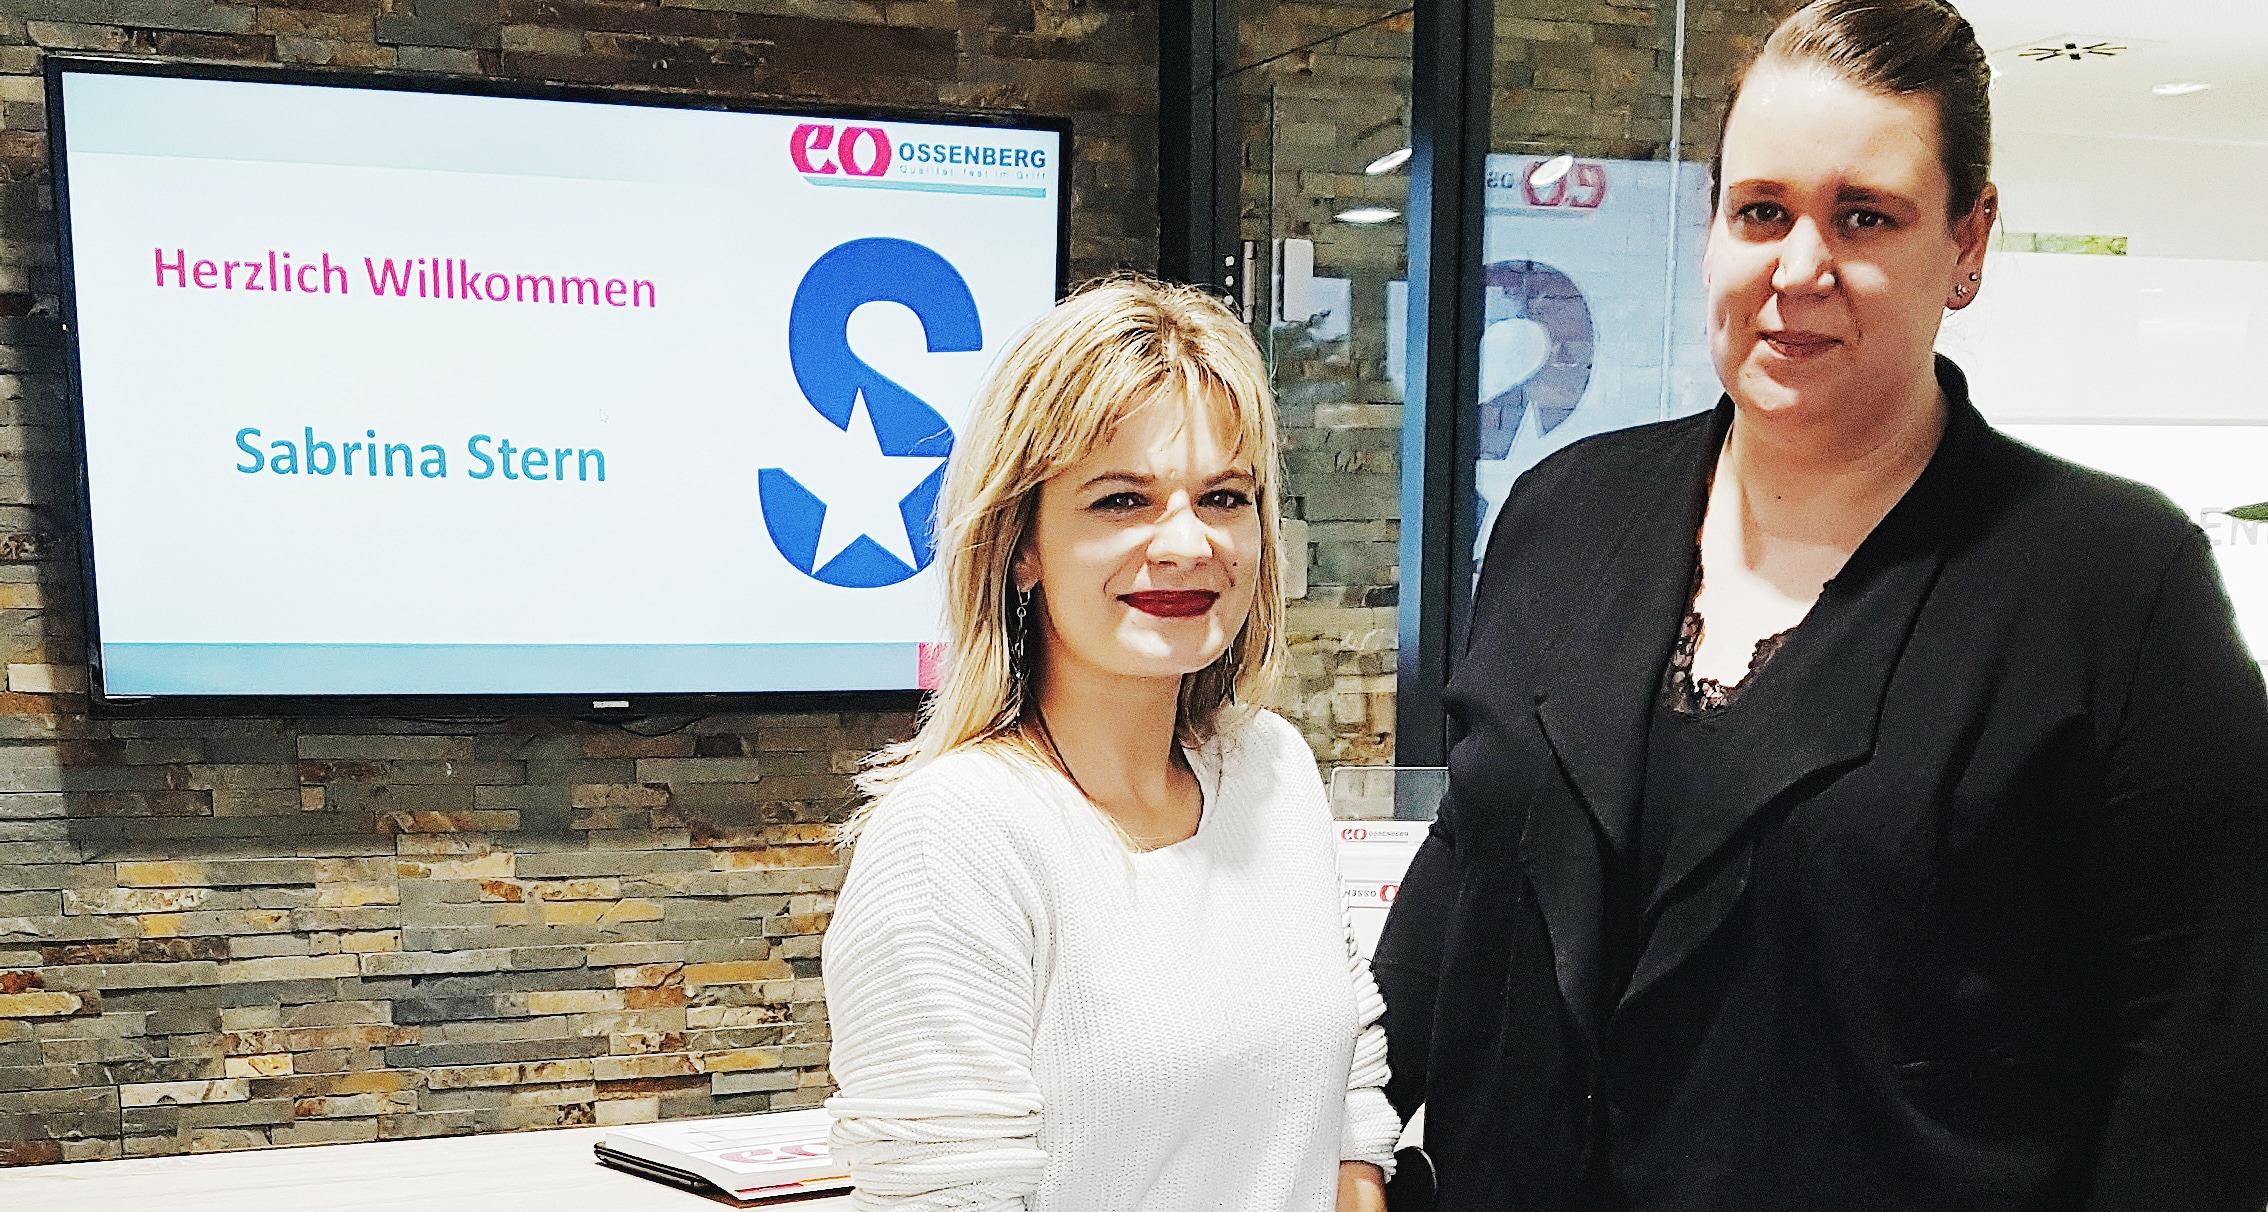 Schlagersängerin Sabrina Stern und Marketingleitung Jenny Sangaré posieren mit den Krücken der Ossenberg GmbH am Empfang